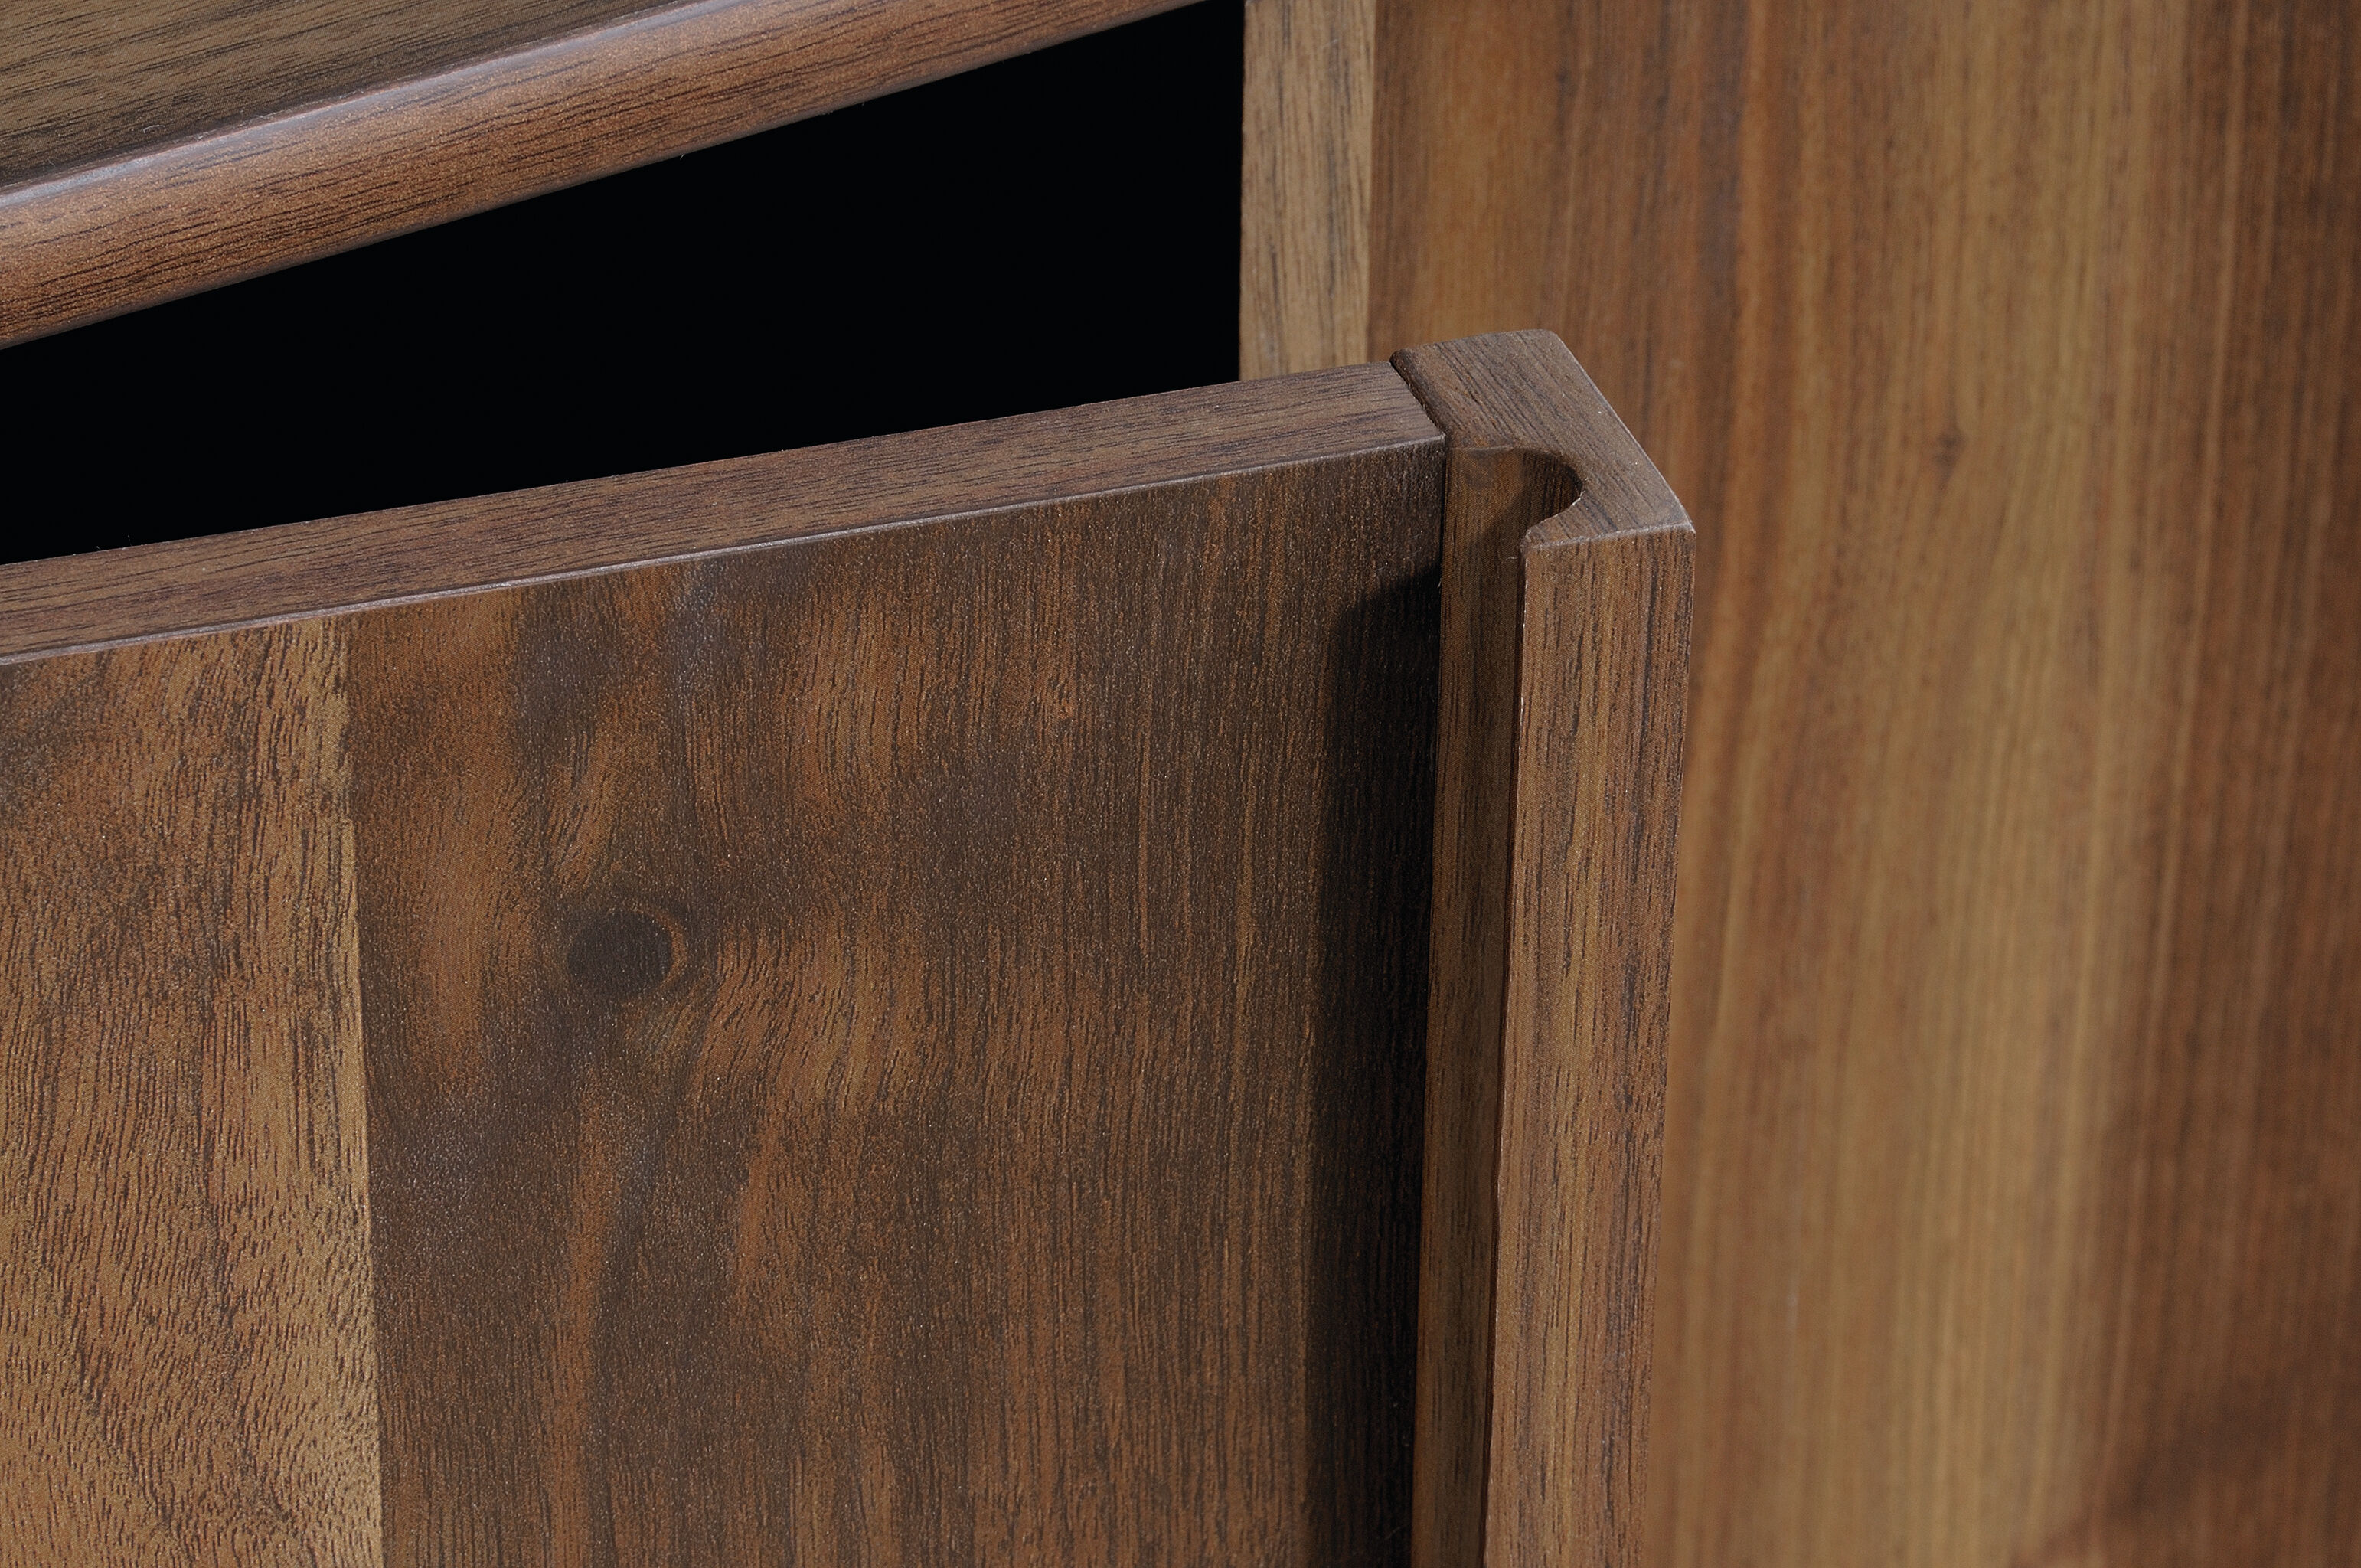 Credenza Dark Wood : Casual flip up drawer entertainment credenza in dark wood mathis